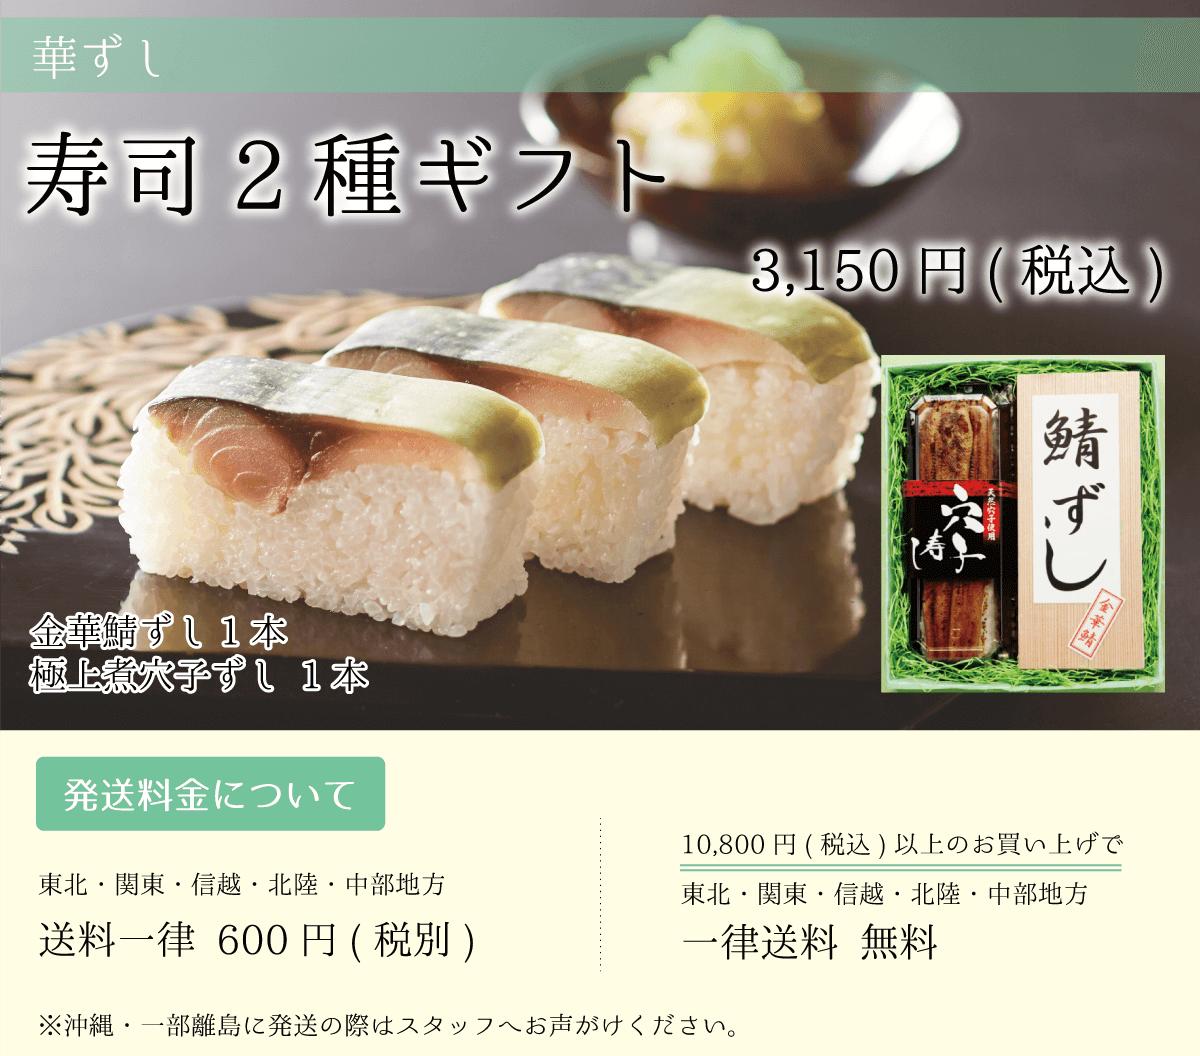 華ずし_寿司2種ギフト_金華鯖ずし_極上煮穴子ずし